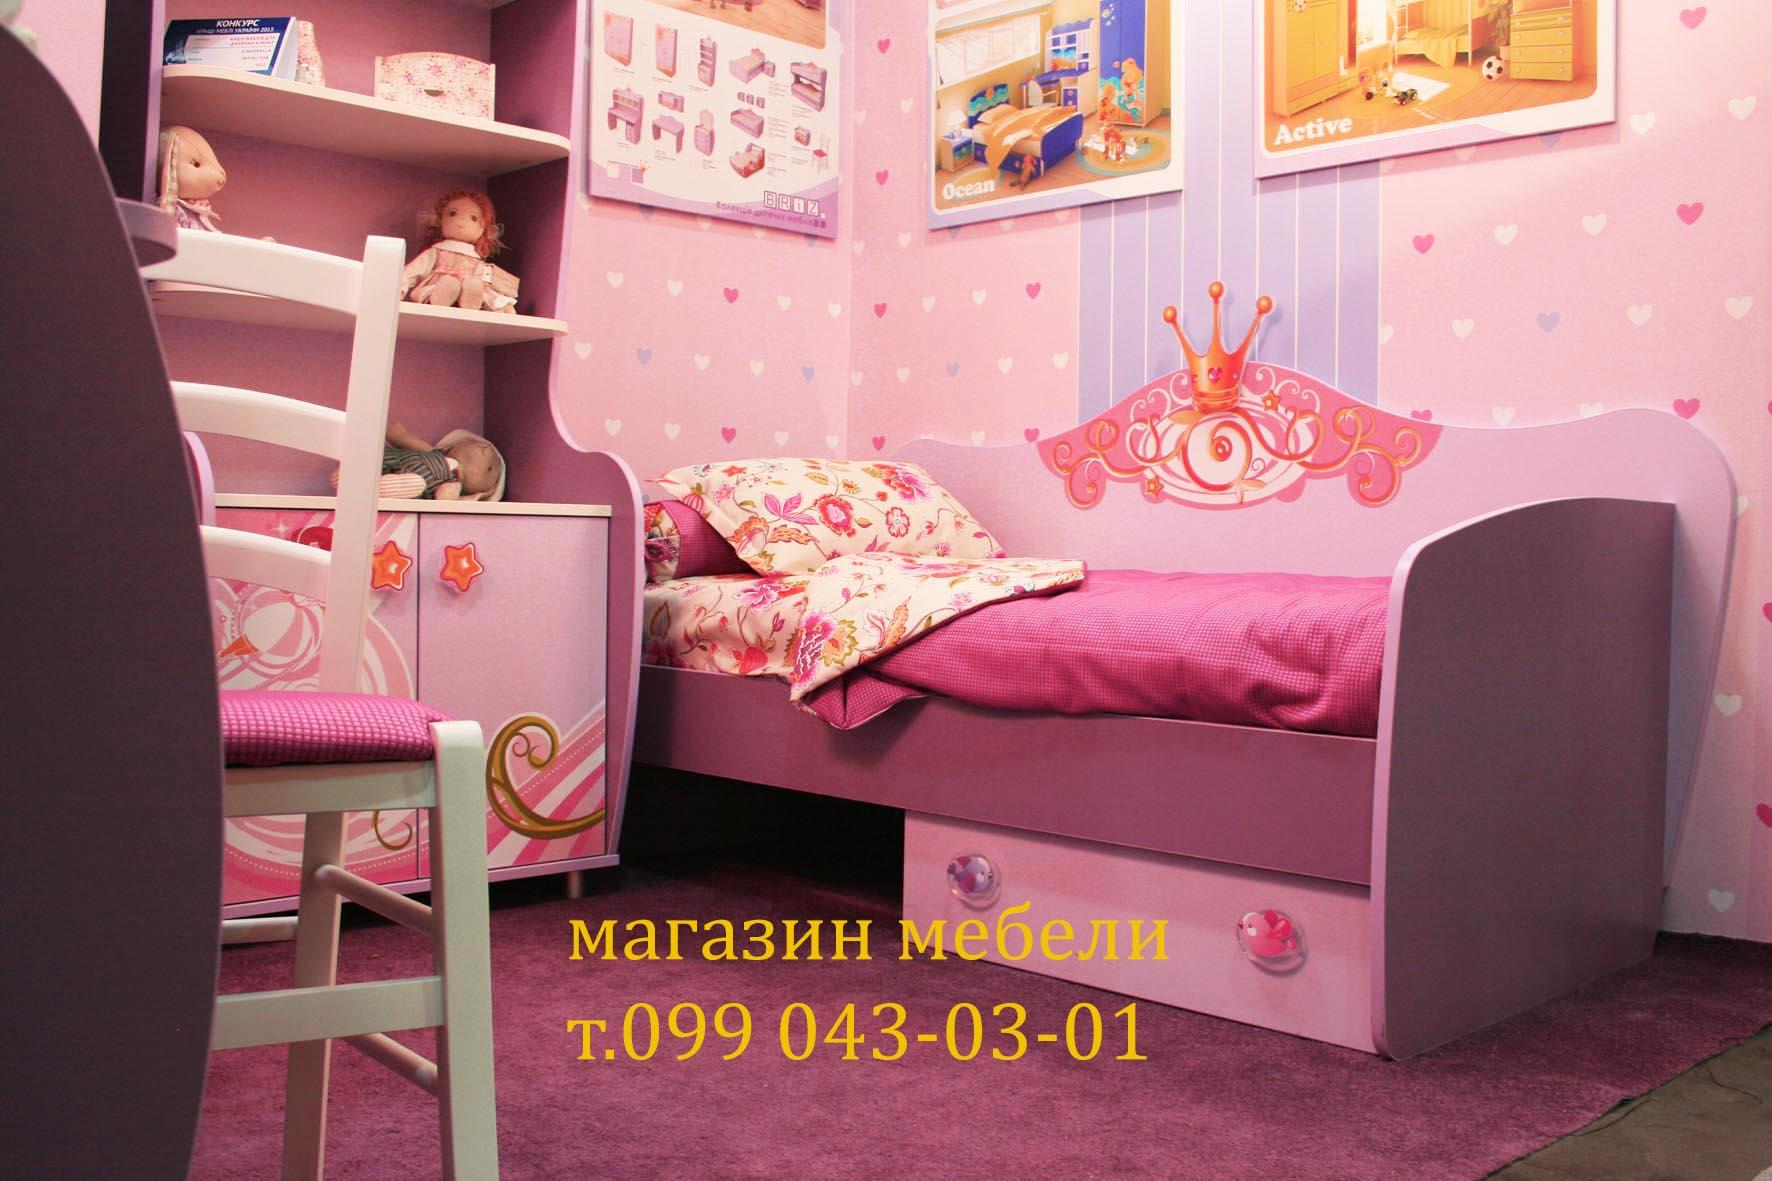 Кровать для девочки. Корпусная мебель в комнату девочки. фото